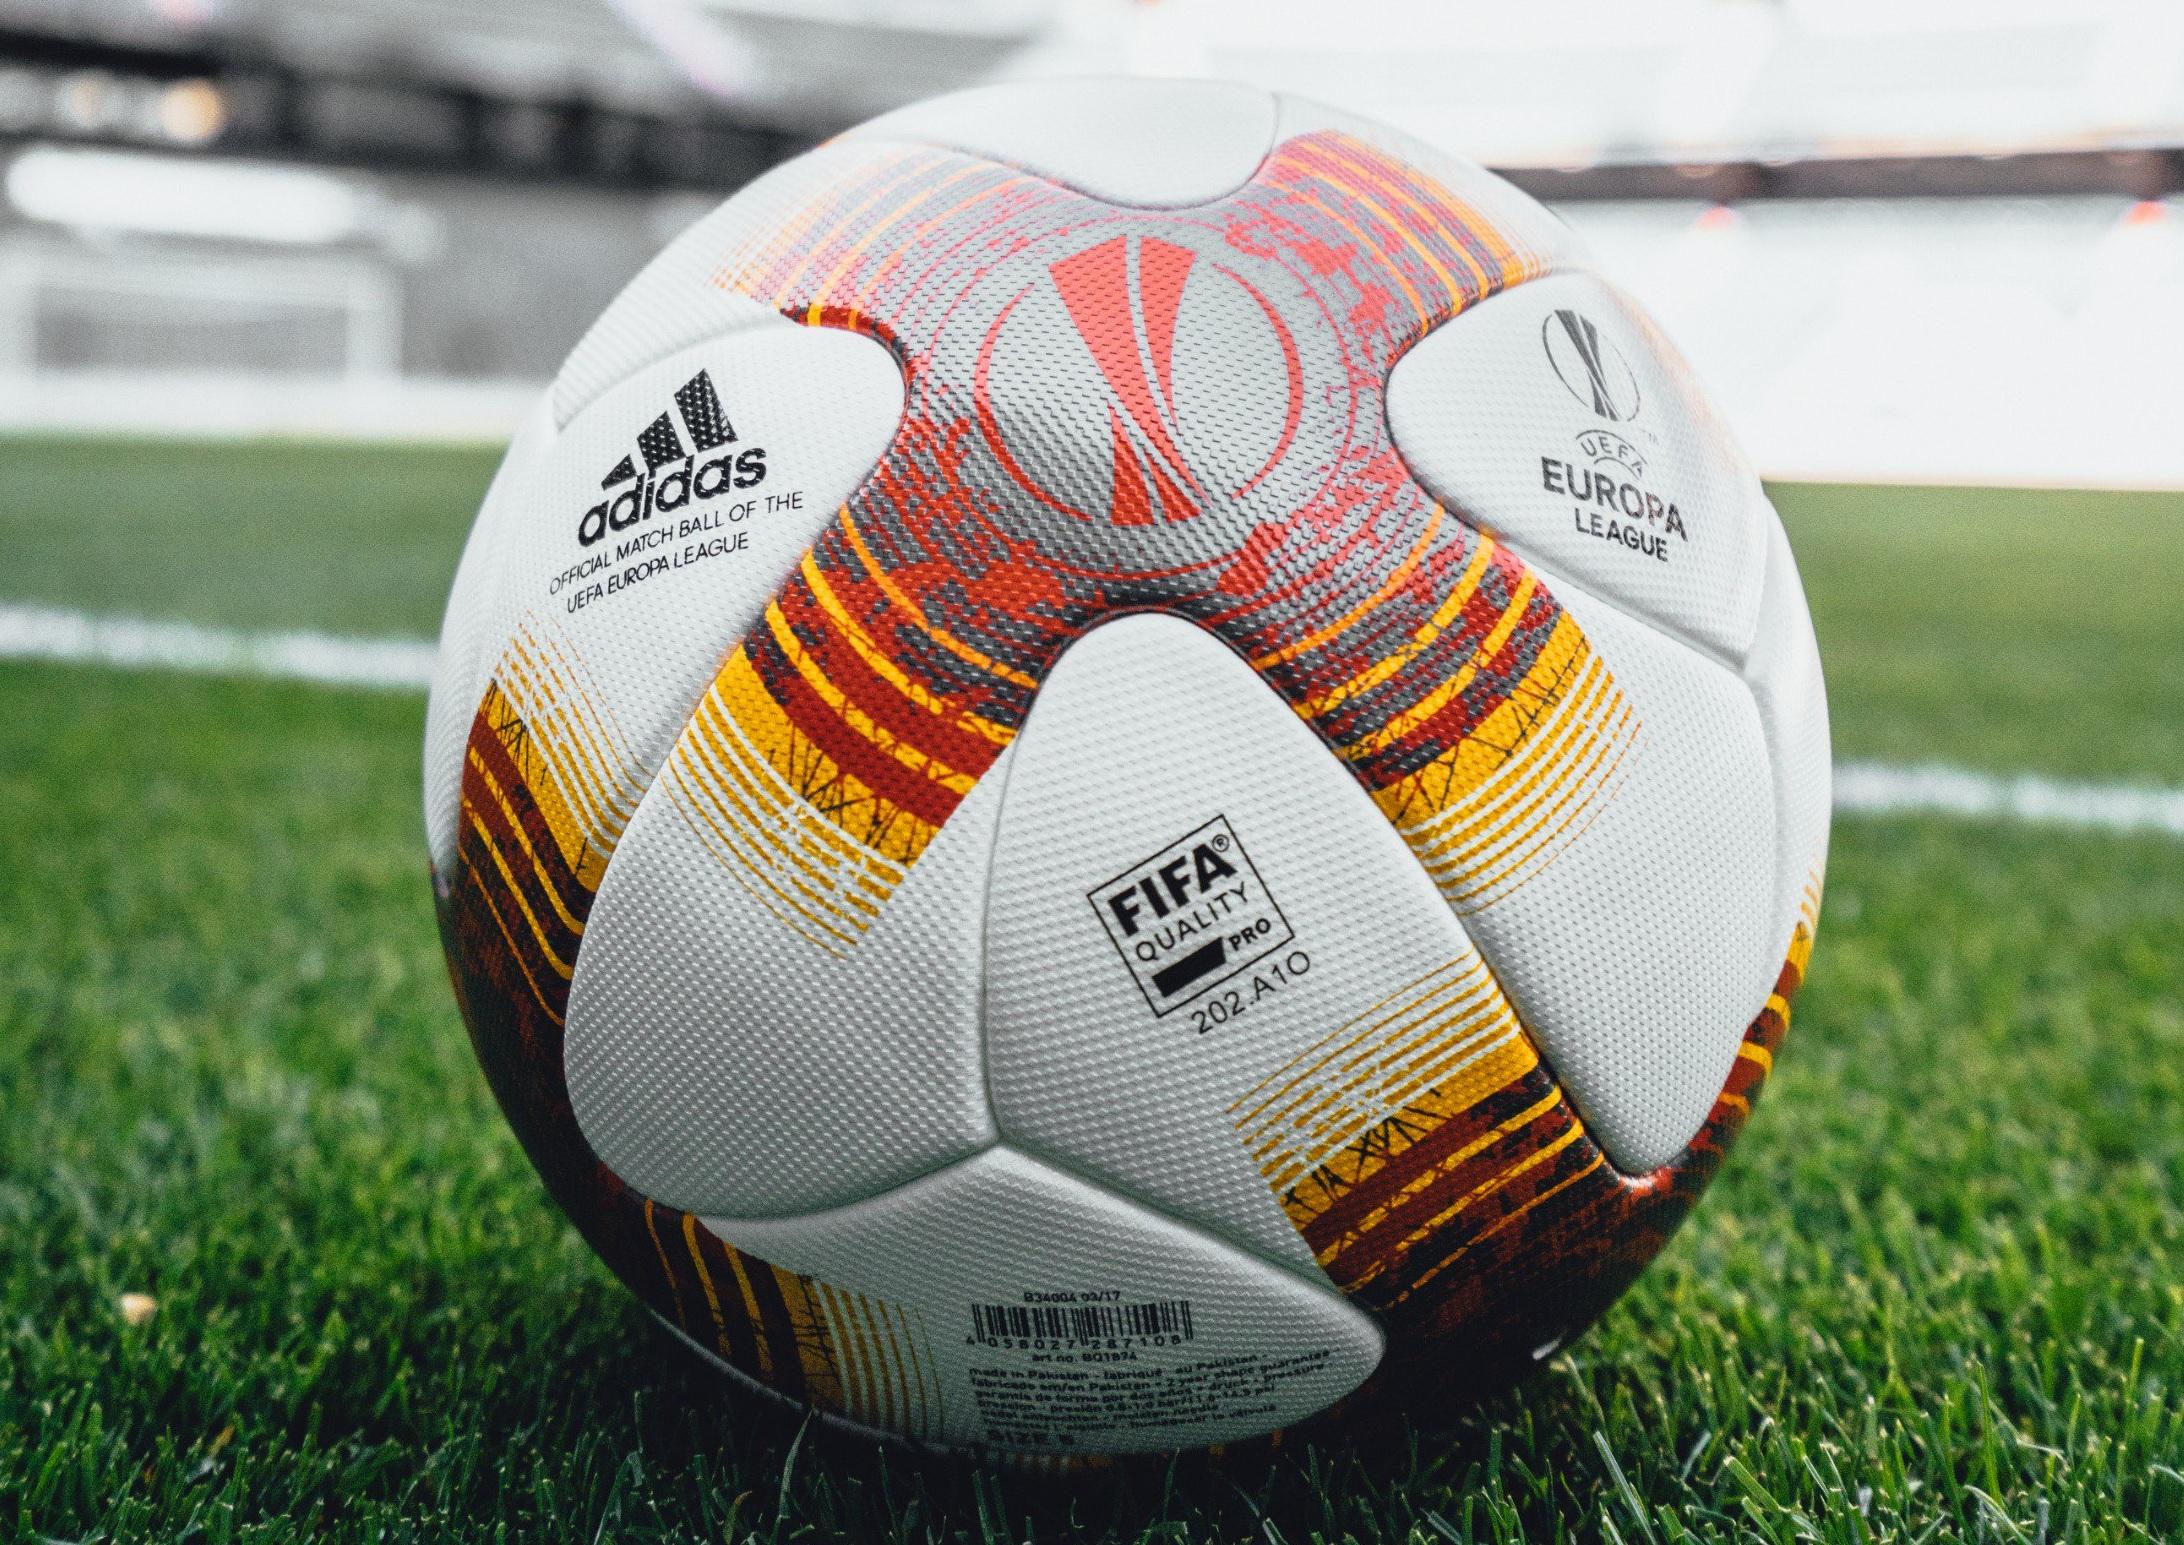 Já há onzes oficiais para o LASK Linz - Sporting